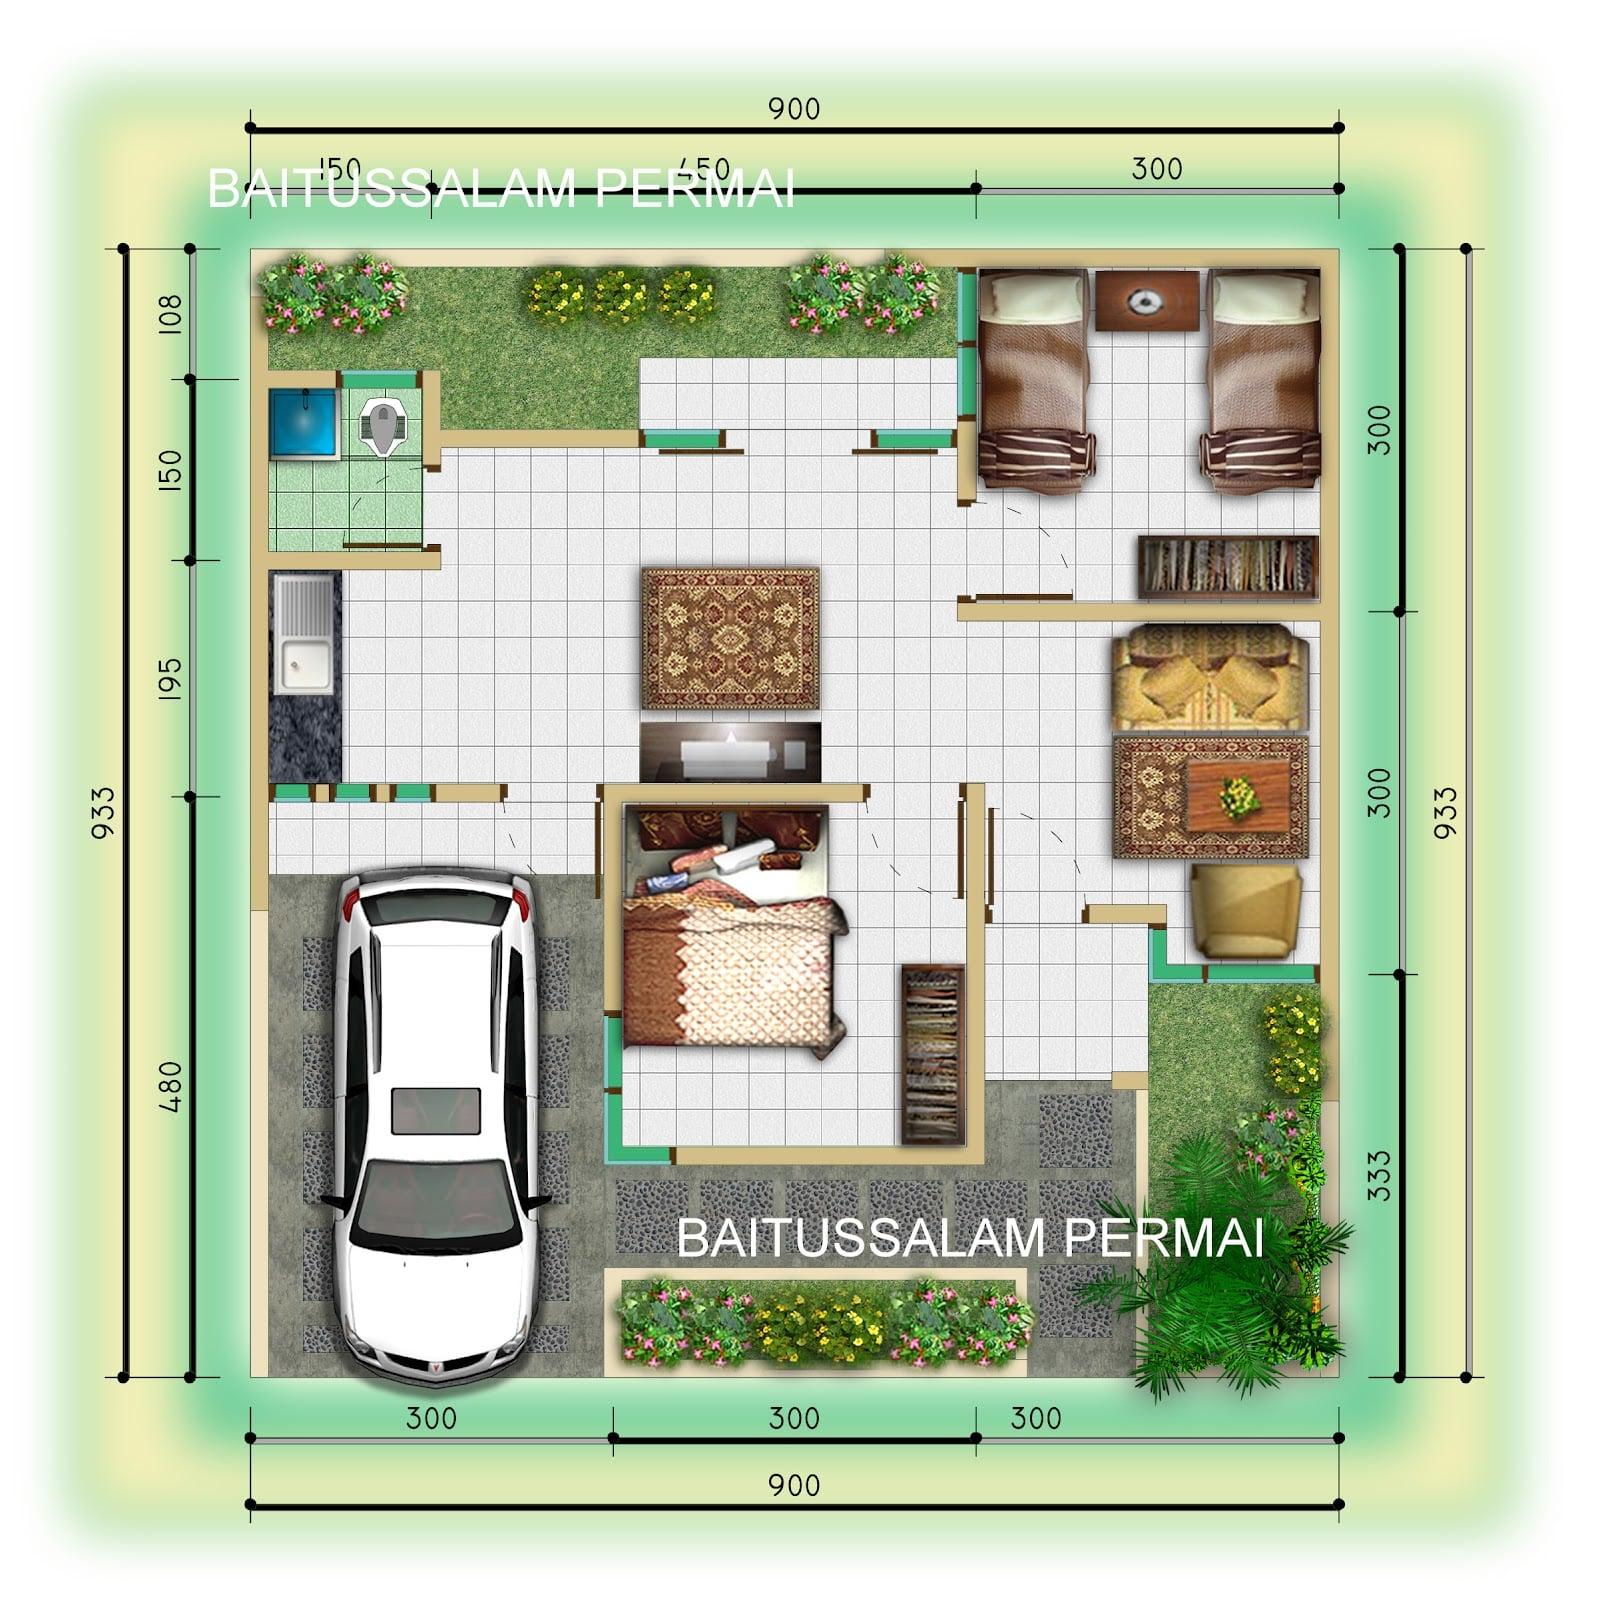 45 Gambar Desain Rumah Lebar 9 Meter Terbaru dan Terlengkap